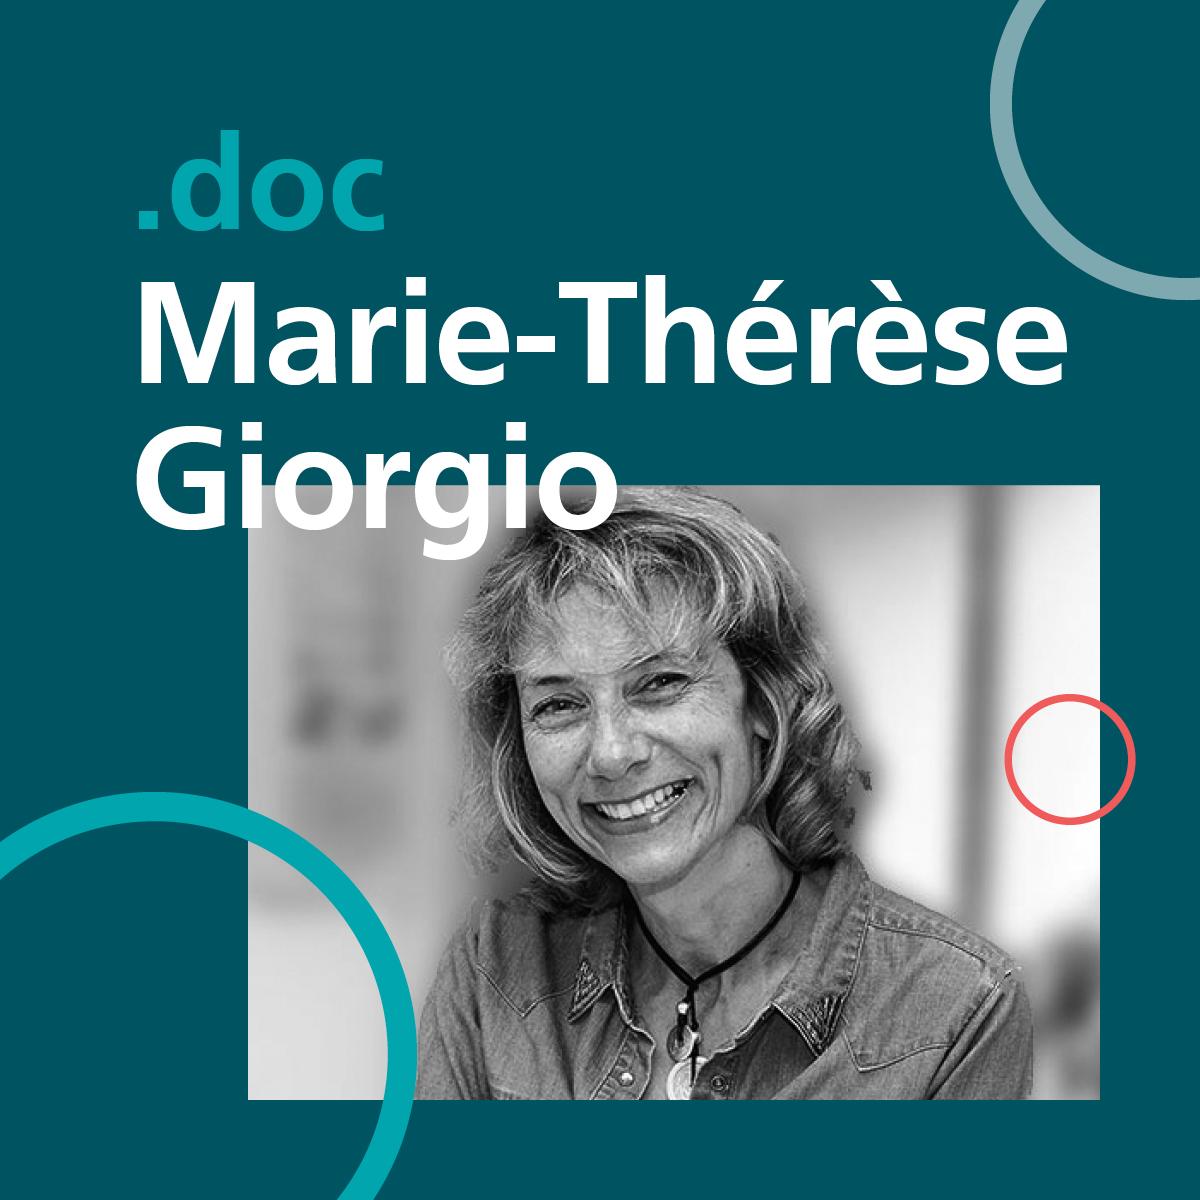 Giorgio site.jpg